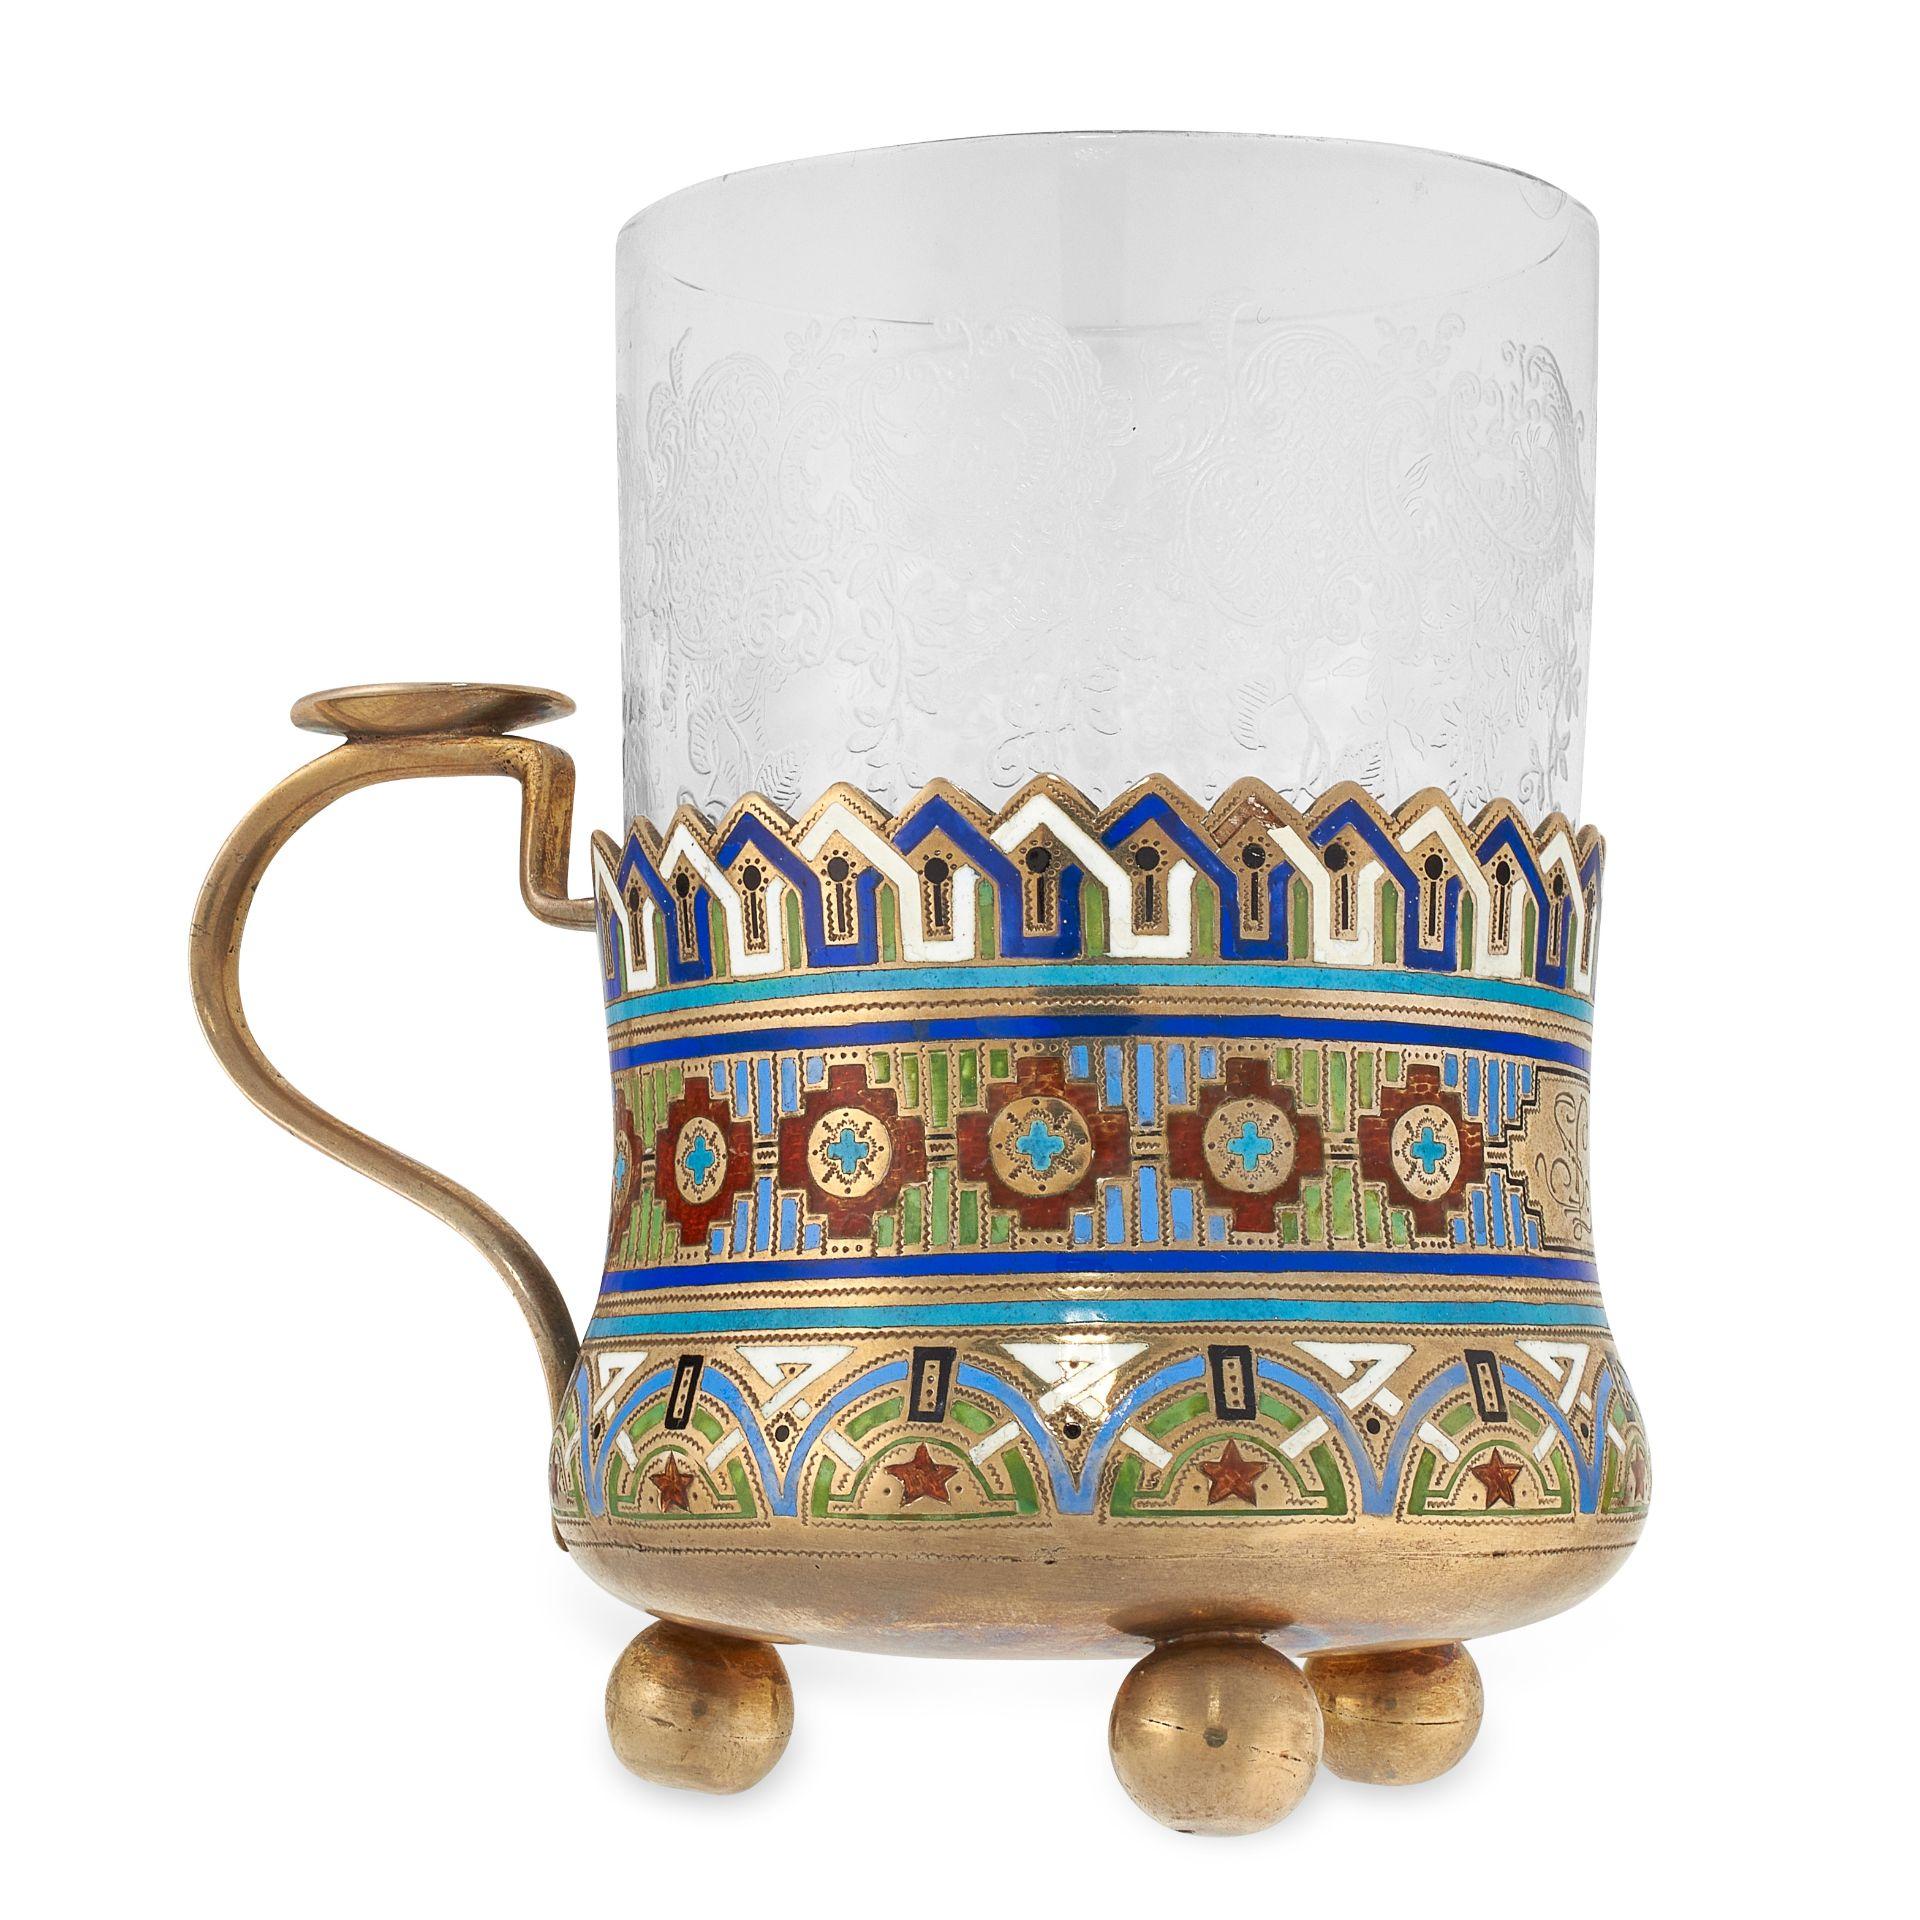 AN ANTIQUE IMPERIAL RUSSIAN ENAMEL TEA GLASS HOLDER, ANDREY BRAGIN in 84 zolotnik silver, the body